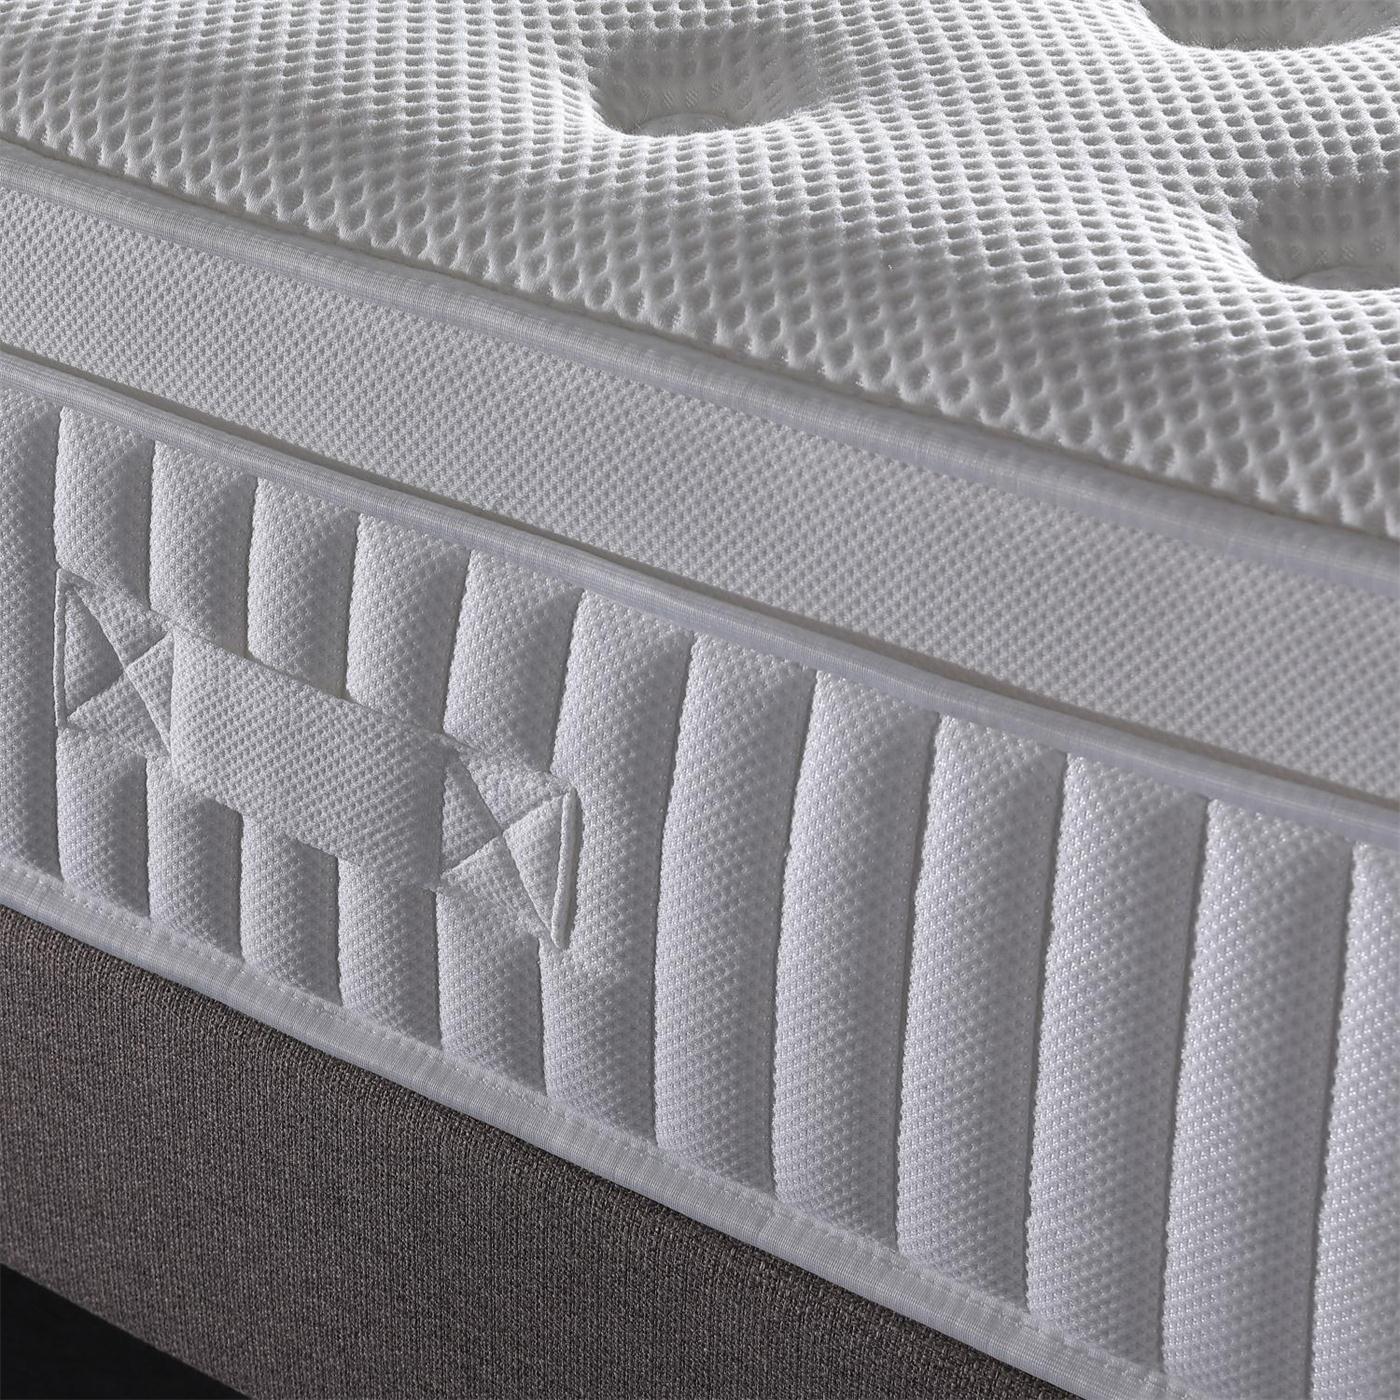 JLH-hotel bed mattress | Hotel Mattress | JLH